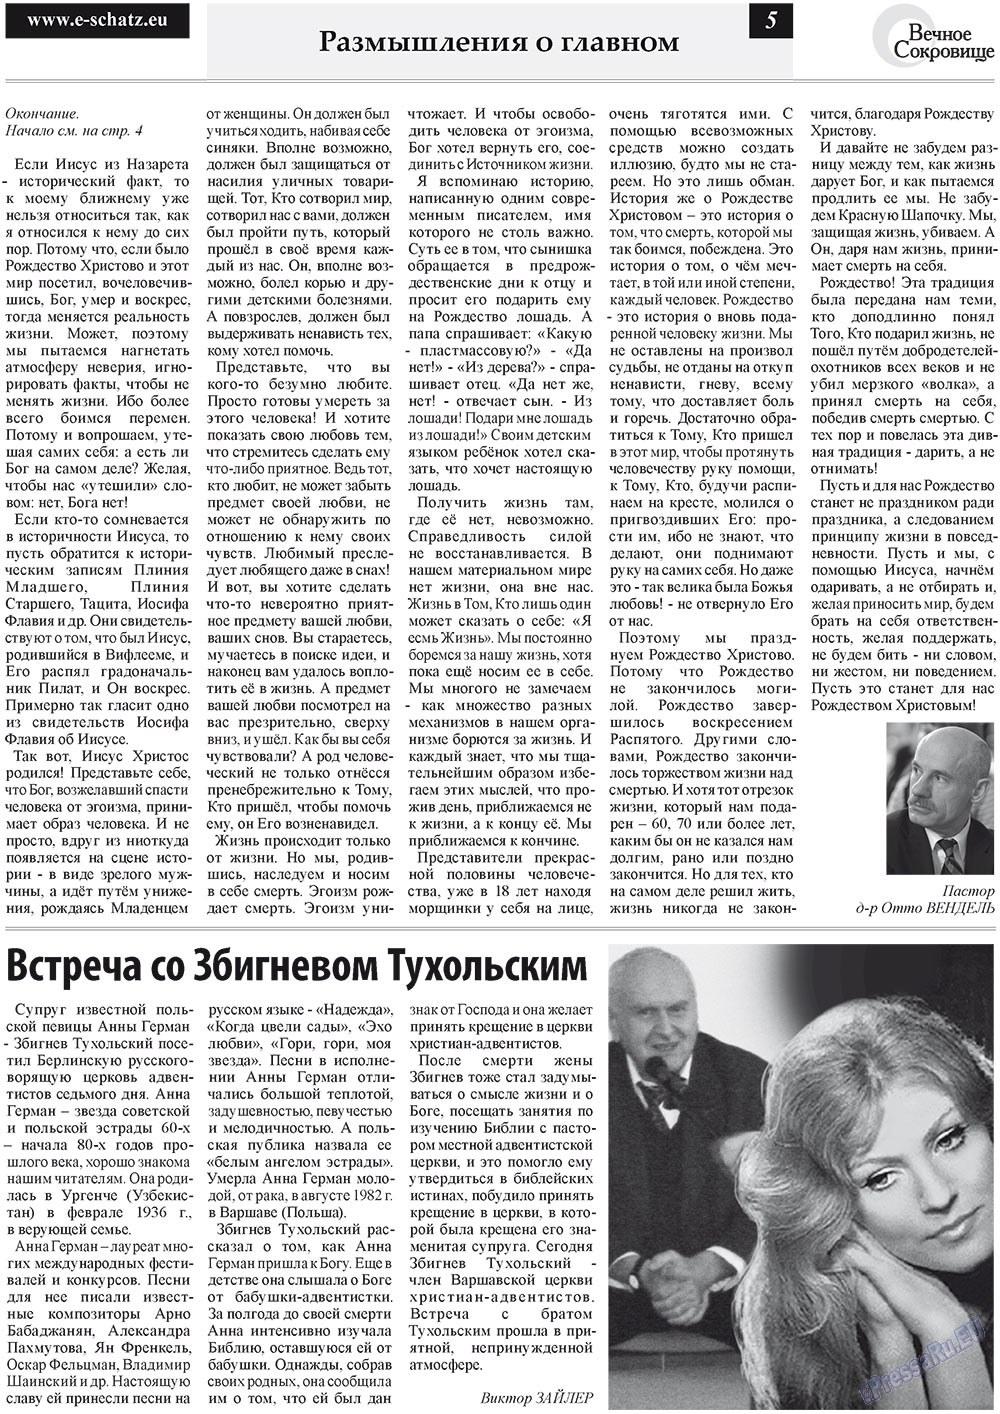 Вечное сокровище (газета). 2010 год, номер 4, стр. 5